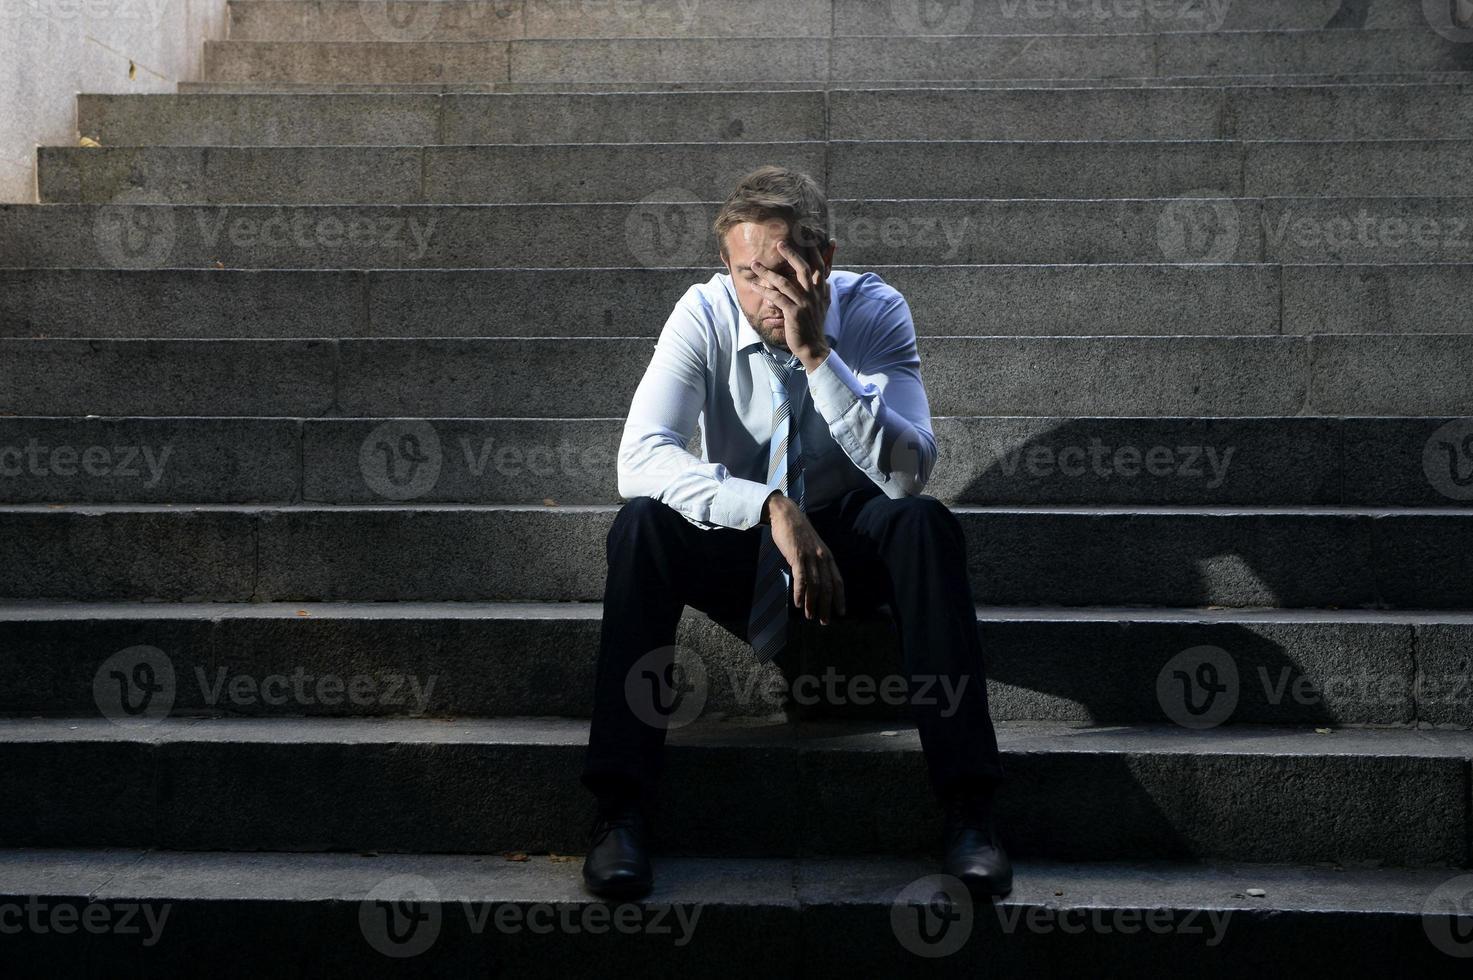 affärsman gråt förlorat i depression sitter på gatan betong trappor foto